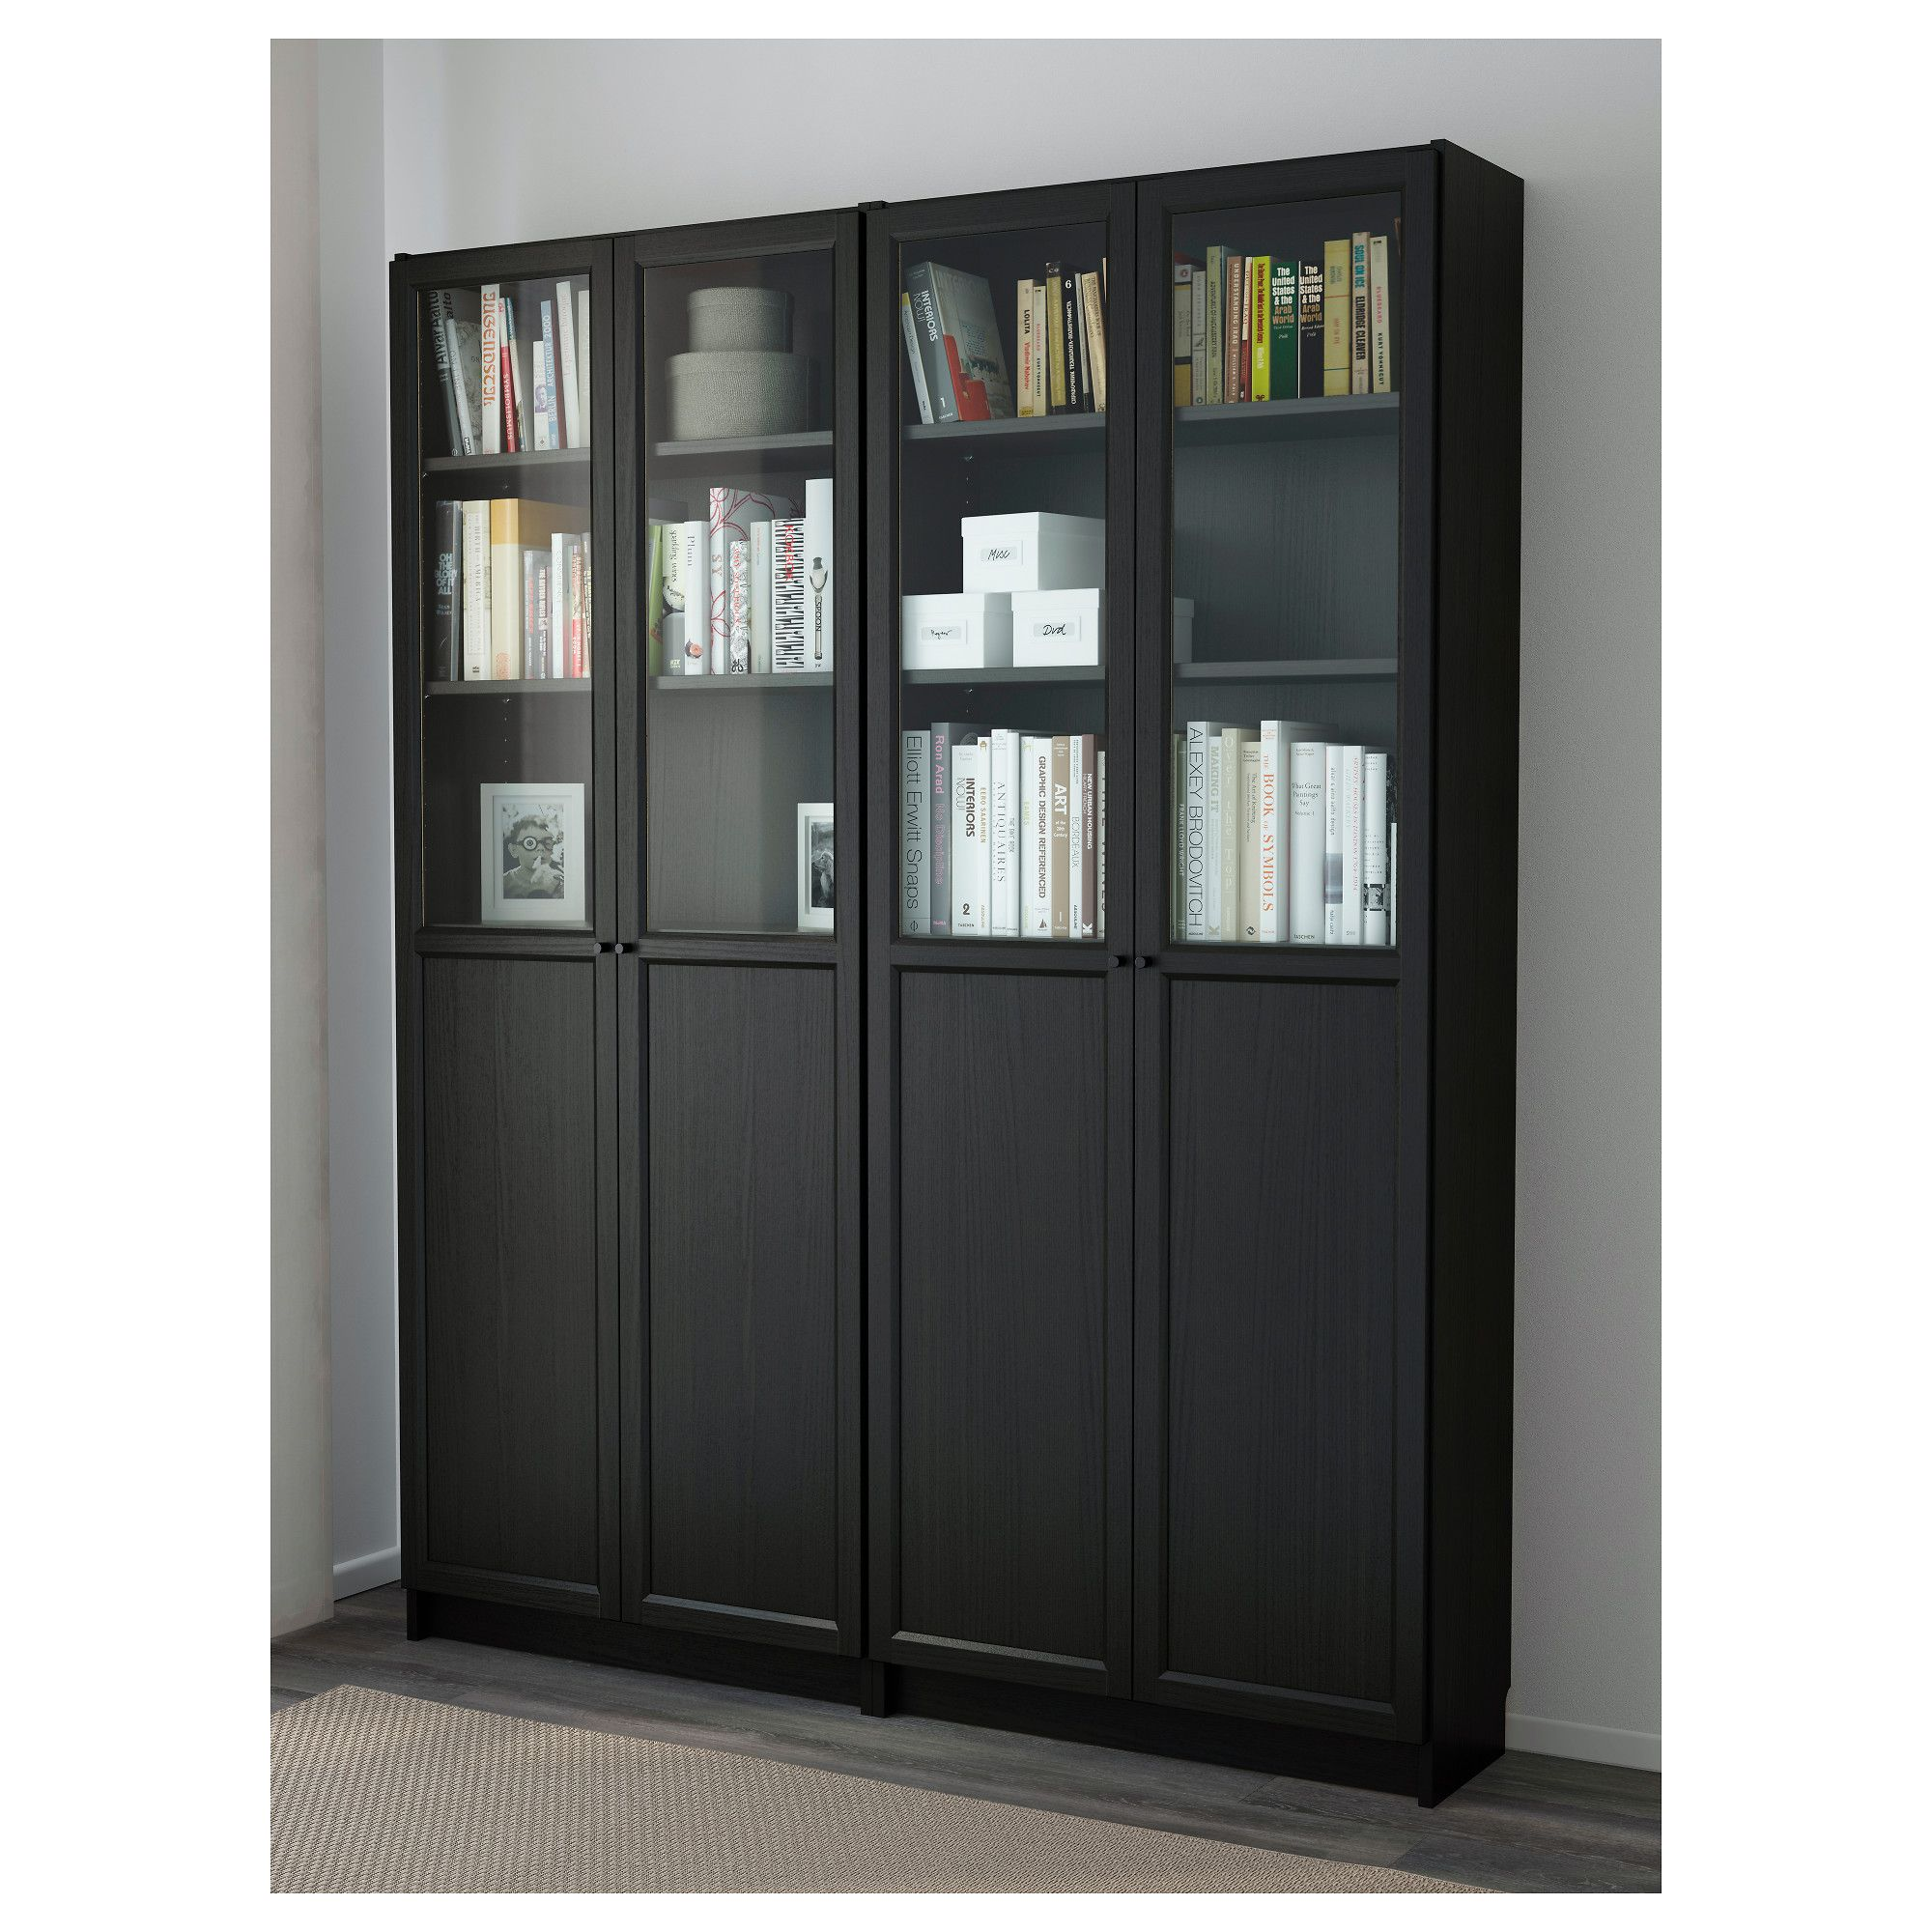 Ikea Billy Oxberg Bookcase Black Brown With Doors Door